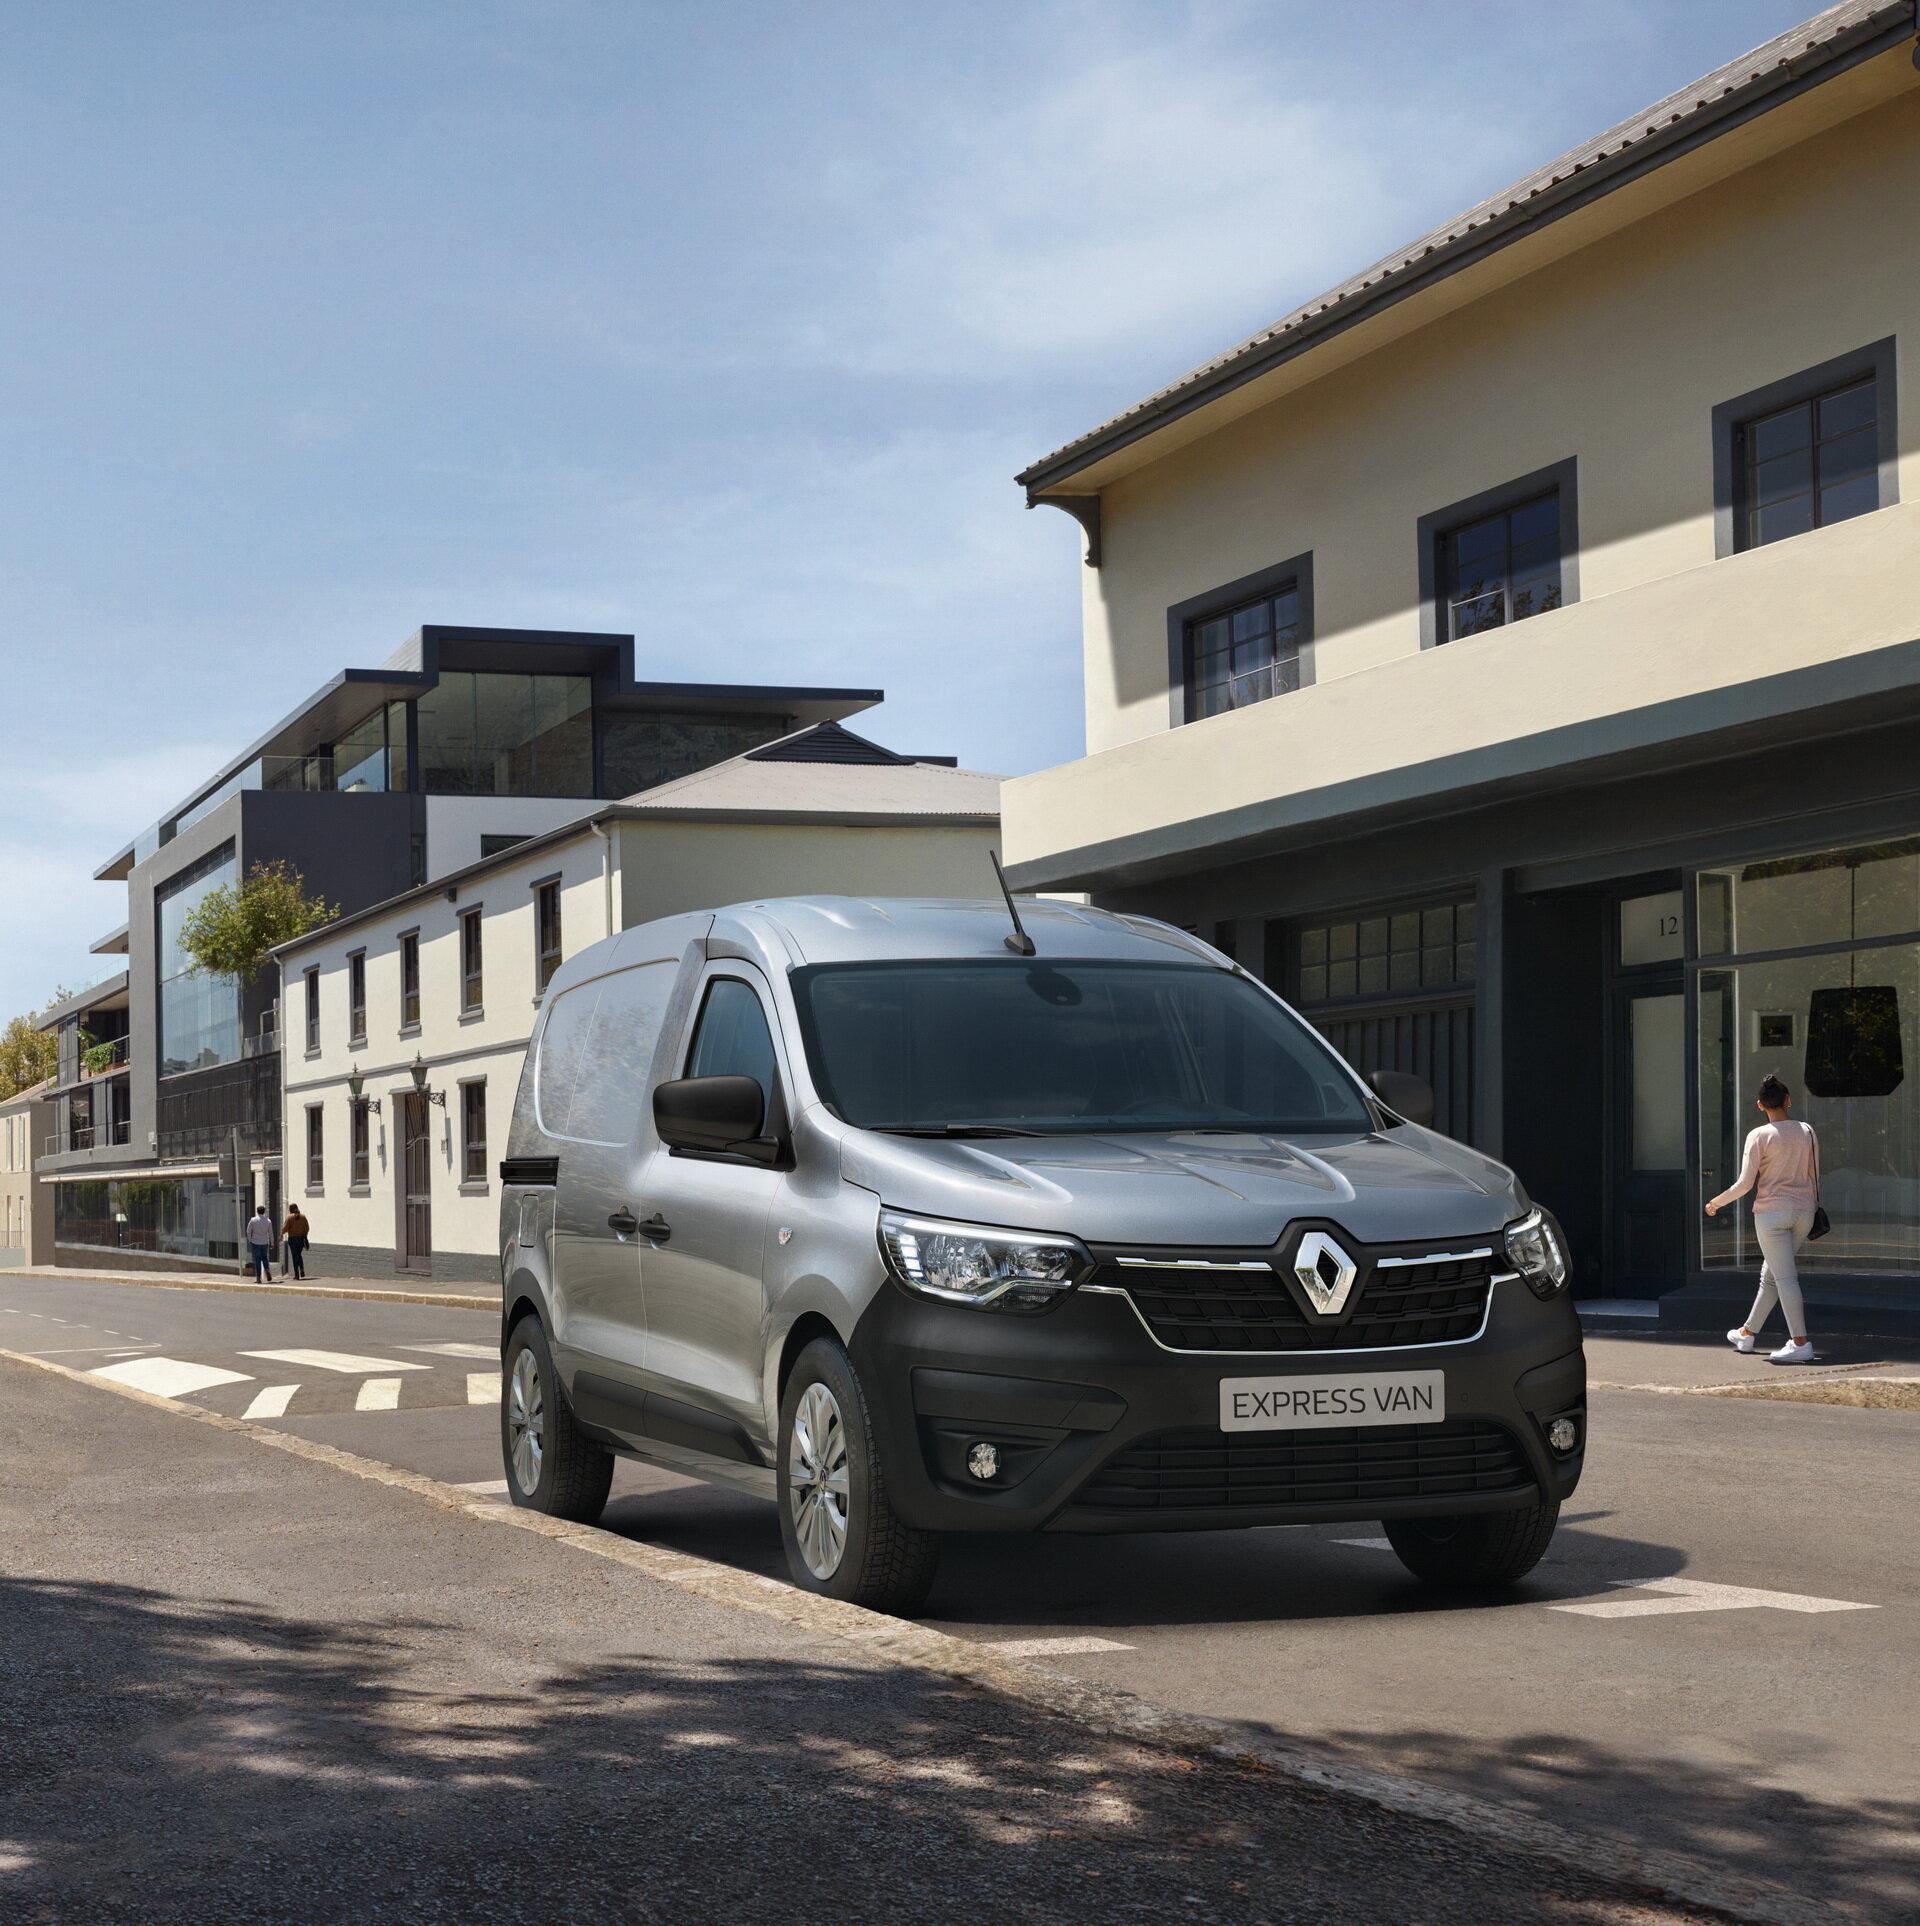 грузовой Renault Express 2021 года